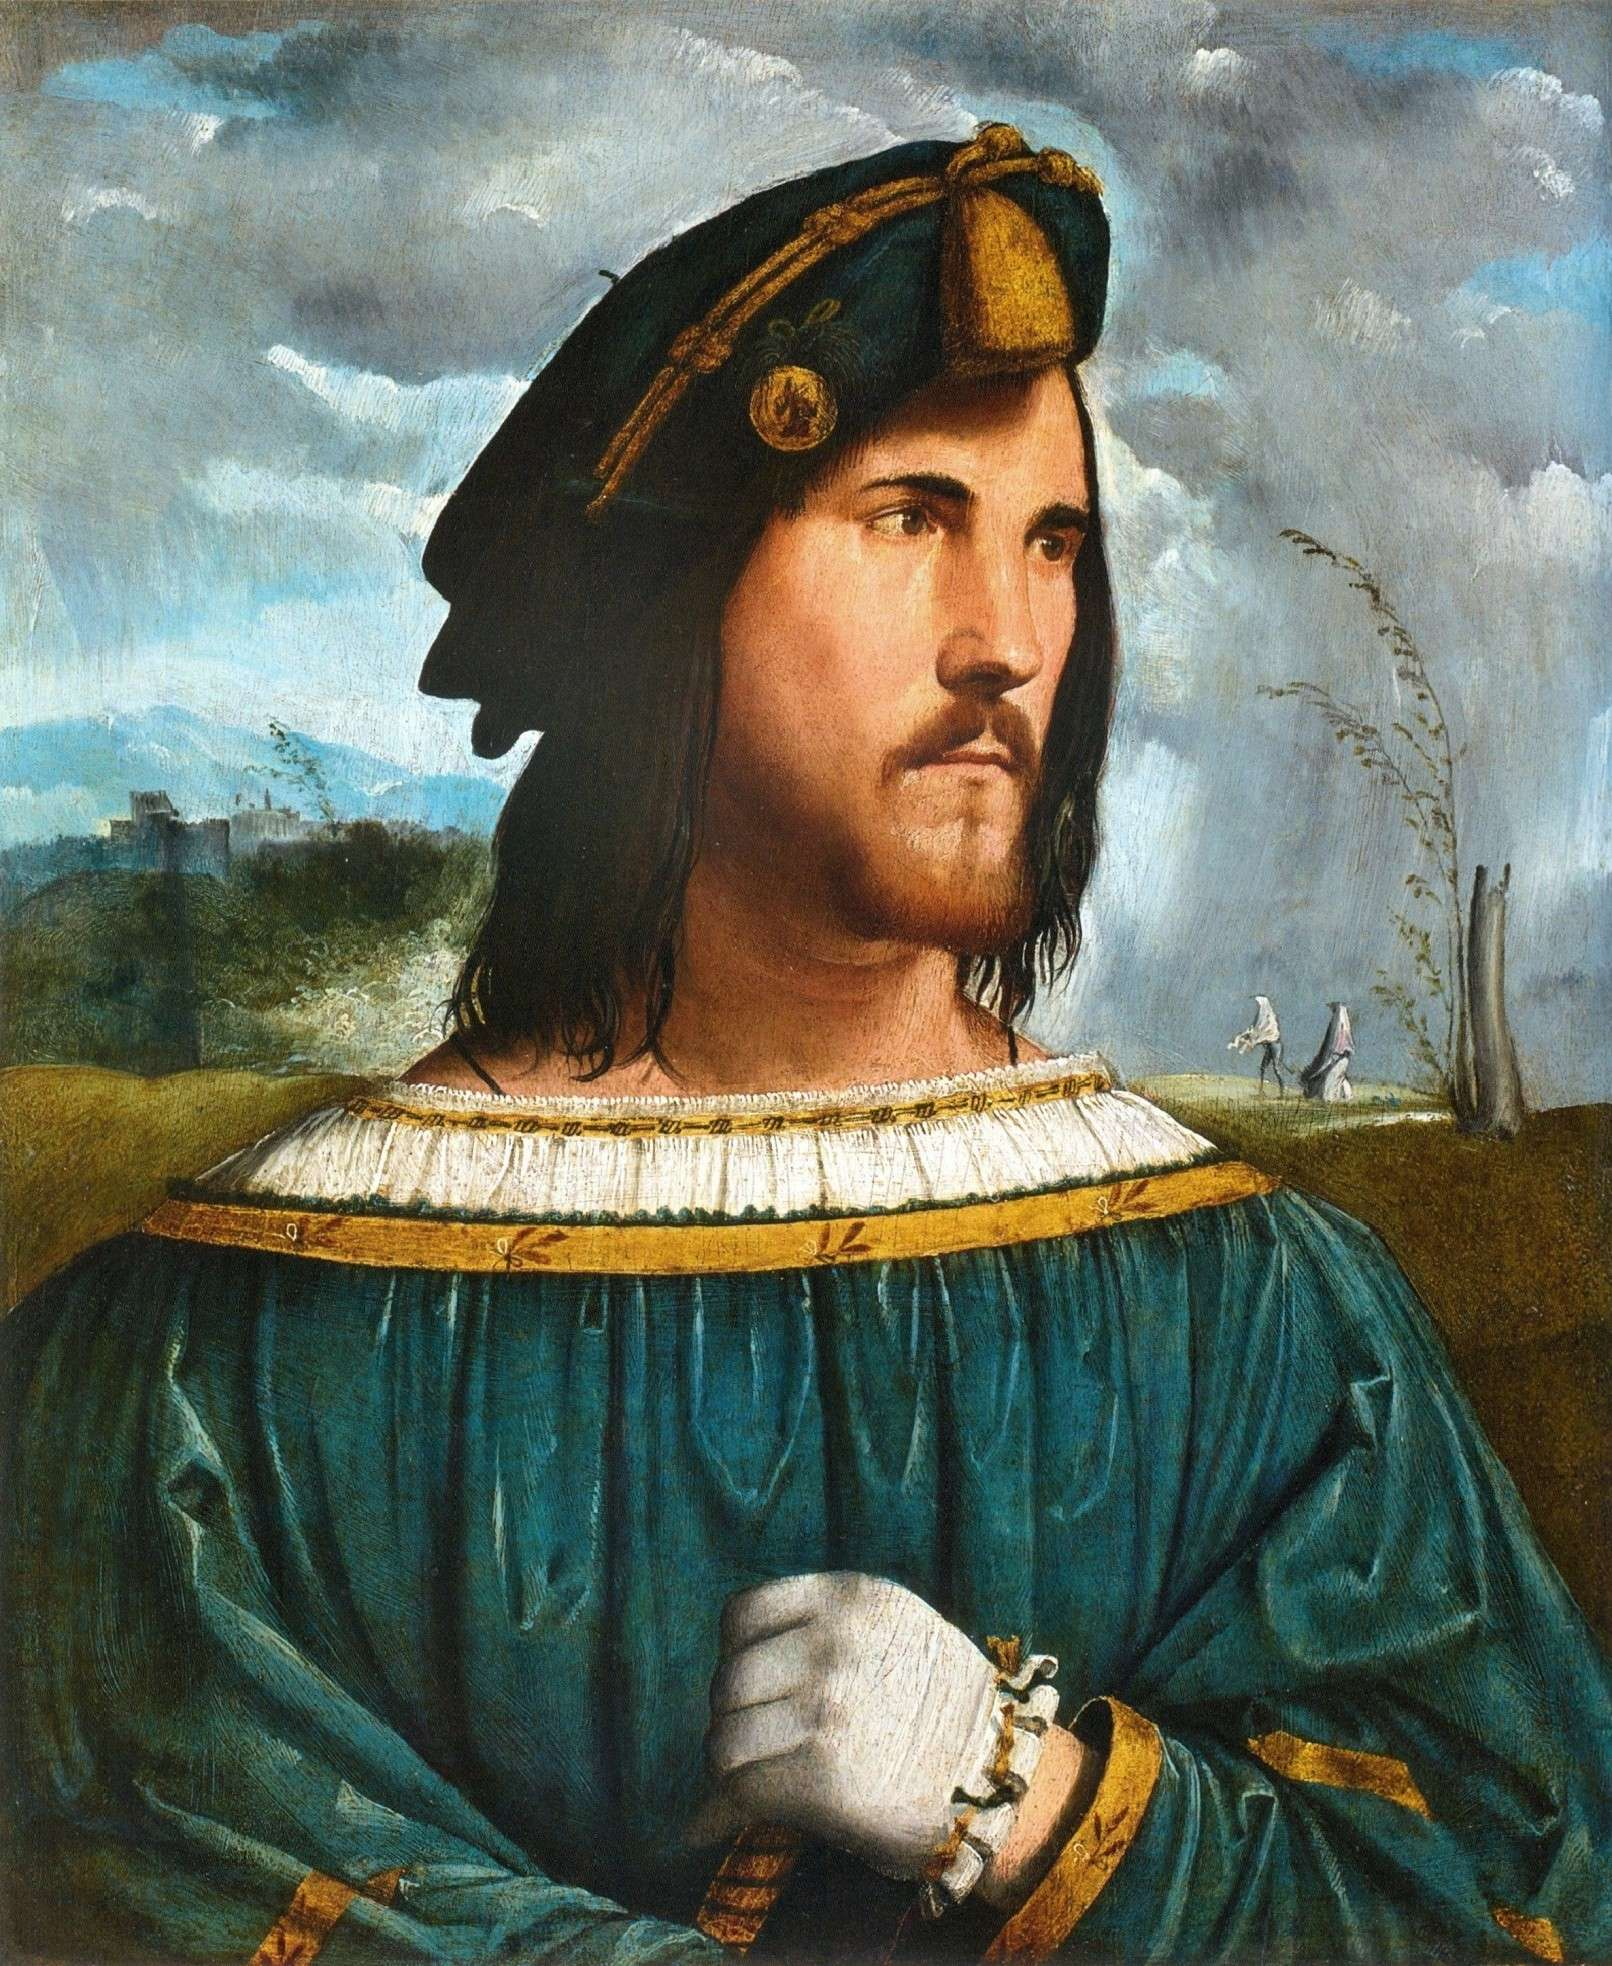 Ο Καίσαρας Βοργίας (Cesare Borgia, 13 Σεπτεμβρίου 1475 - 12 Μαρτίου 1507) ήταν γιος του Ροδρίγου Βοργία (μετέπειτα Πάπας Αλέξανδρος ΣΤ΄). Από τον πατέρα του διορίστηκε καρδινάλιος.